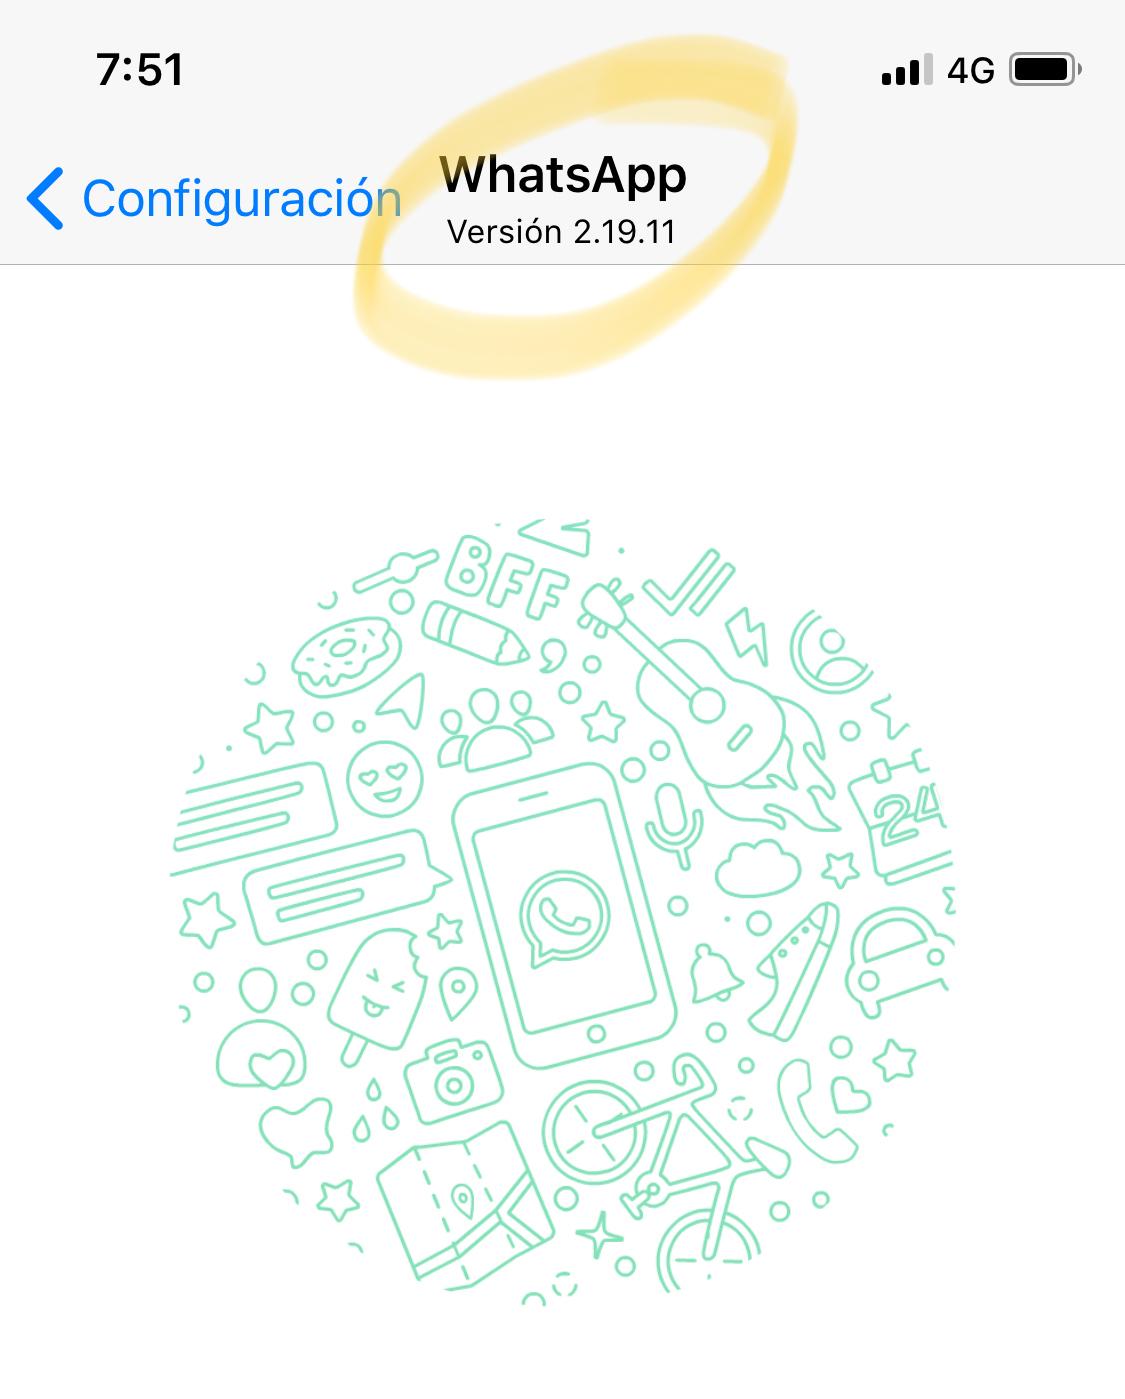 Versión antigua de WhatsApp